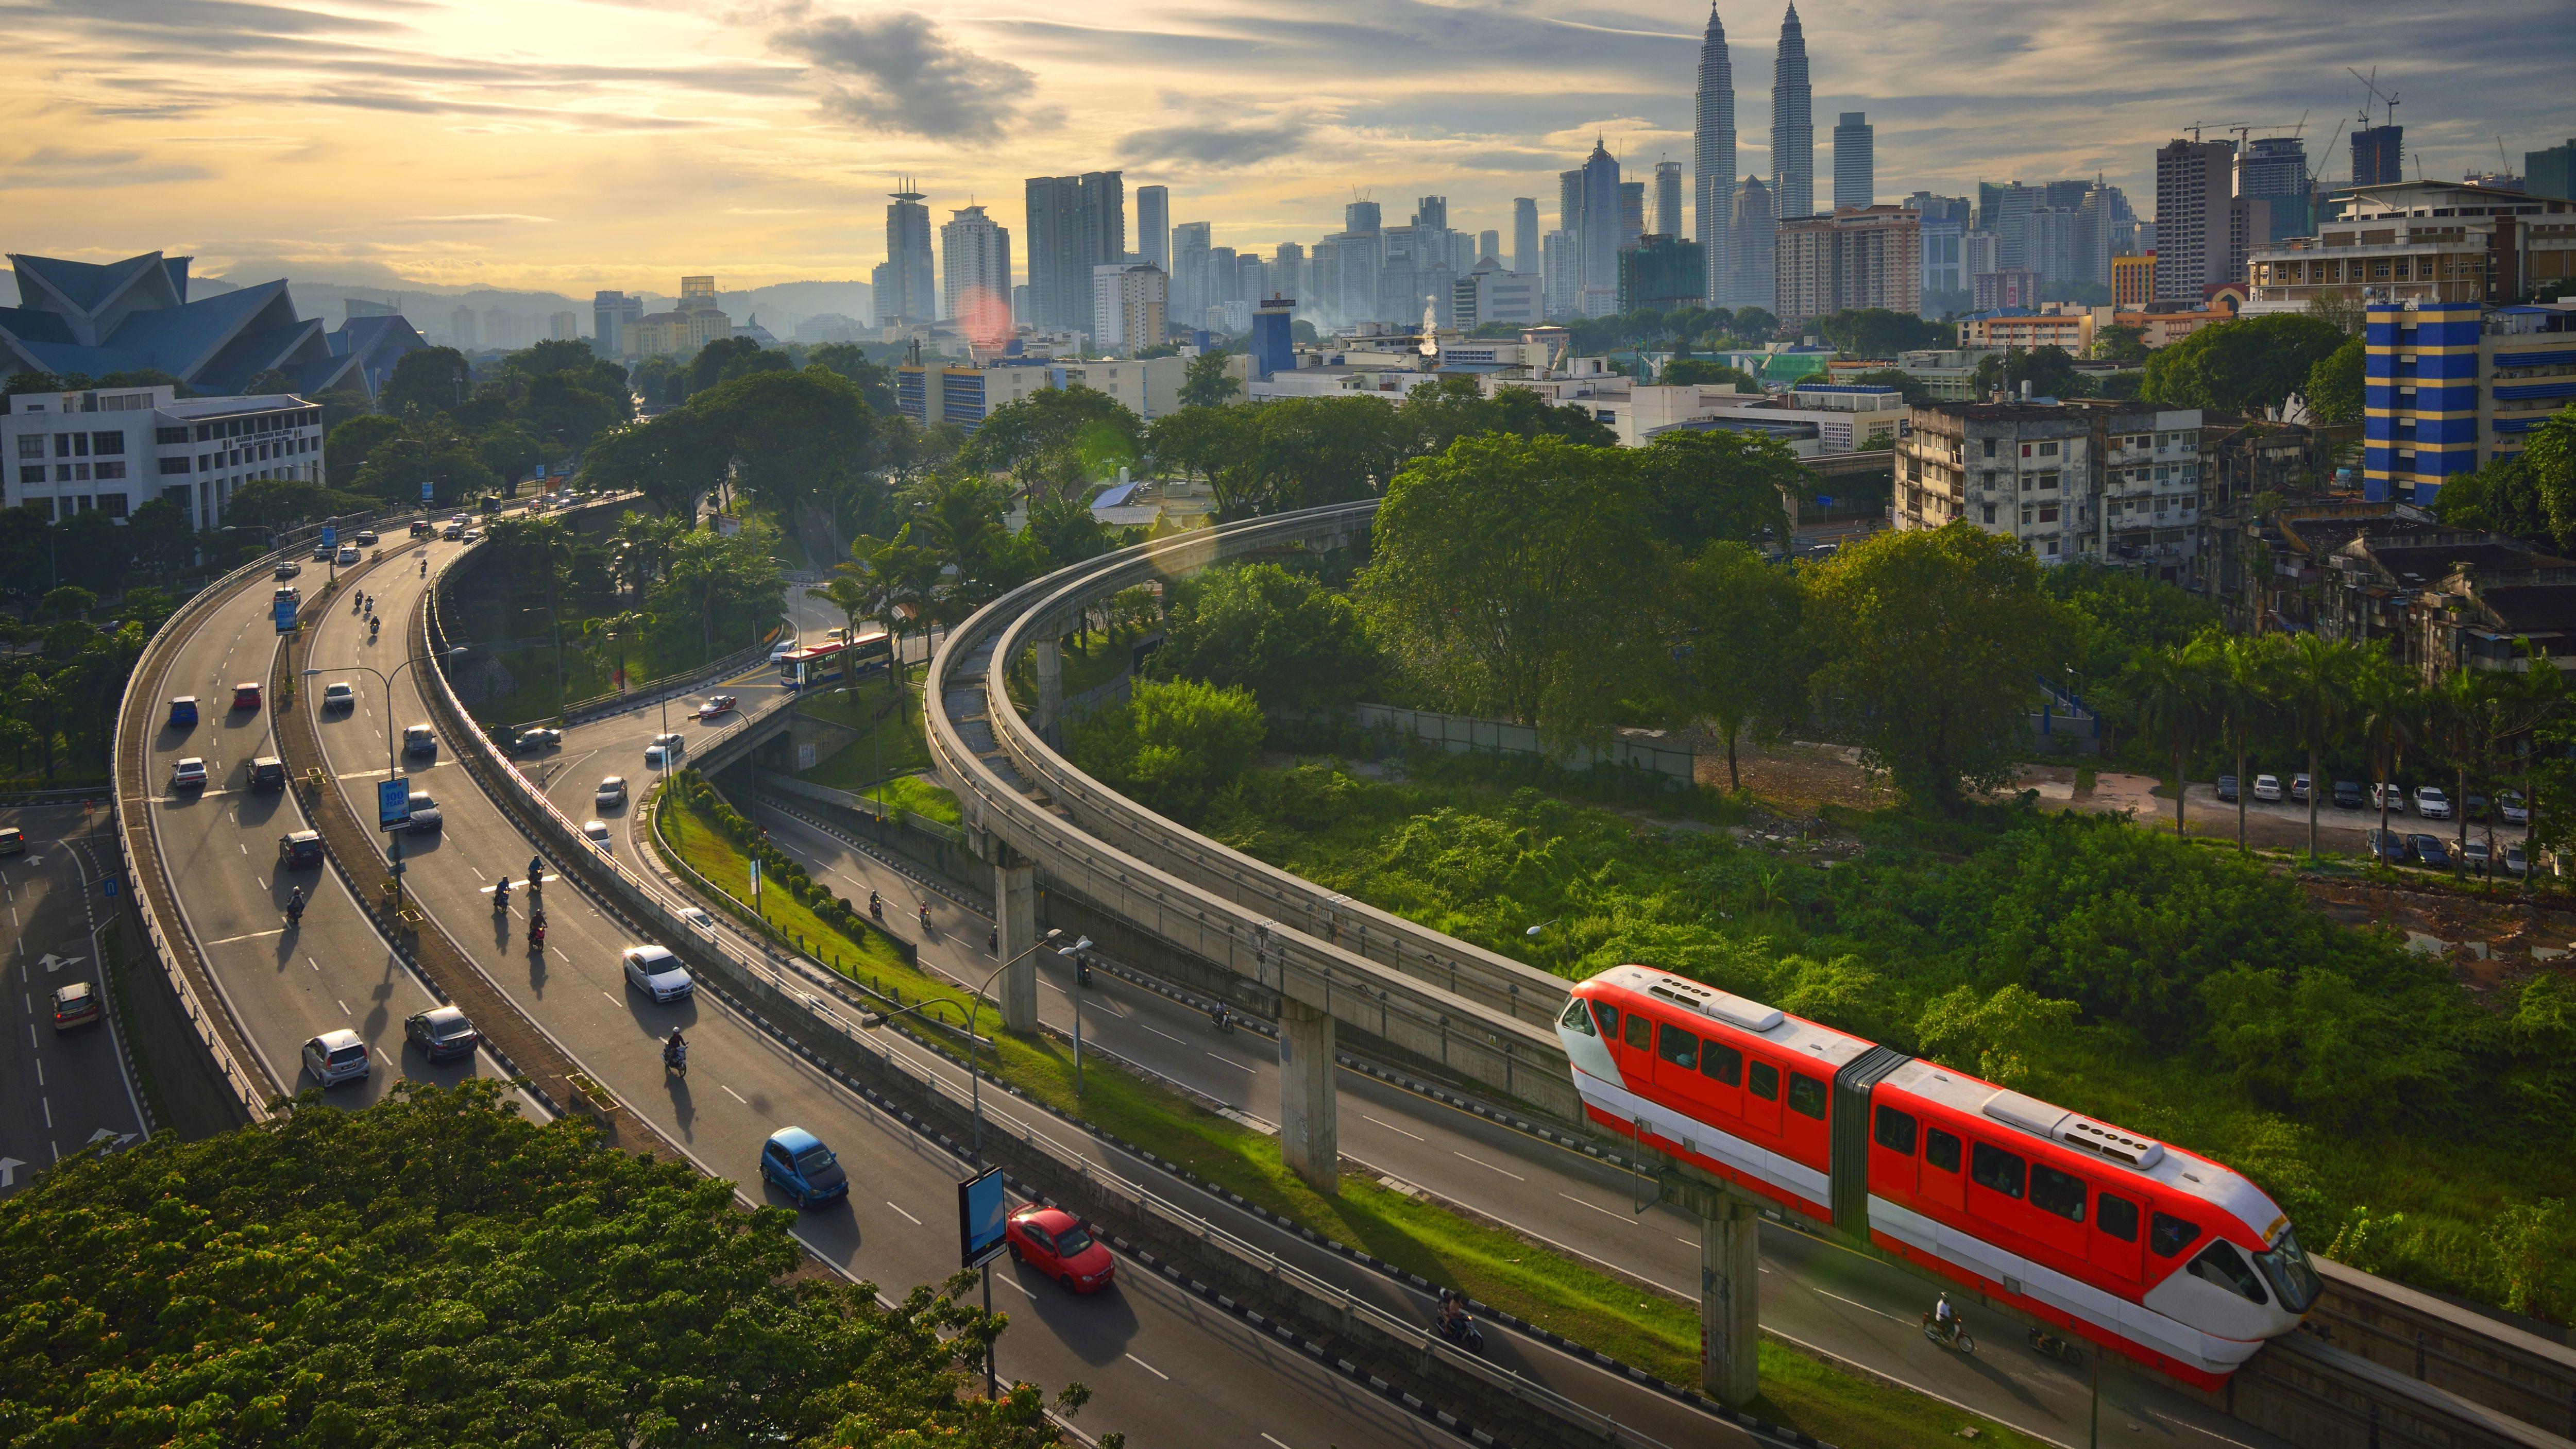 Kuala Lumpur Subway Map Pdf.Transportation In Kuala Lumpur How To Get Around In Kl